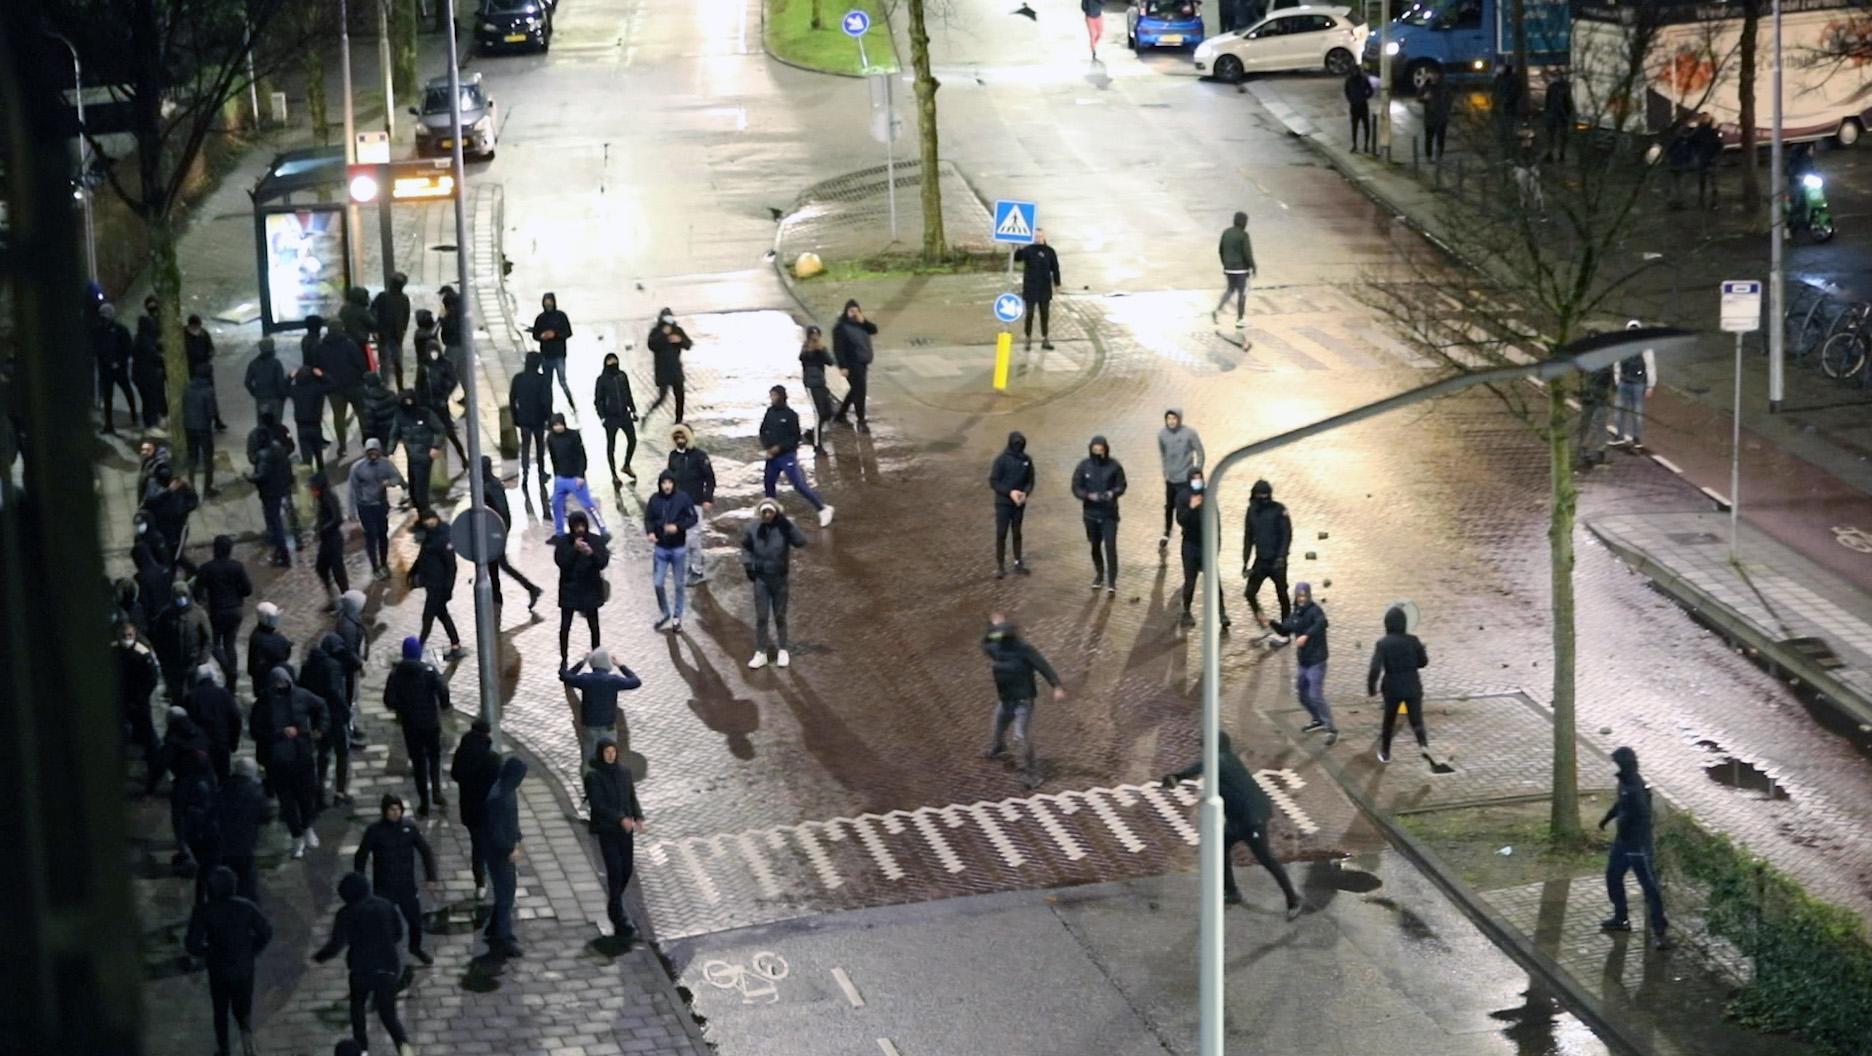 Hoofdredacteur regionale dagbladen na bekogelen fotografen bij rellen in Haarlem: 'We blijven verslag doen'